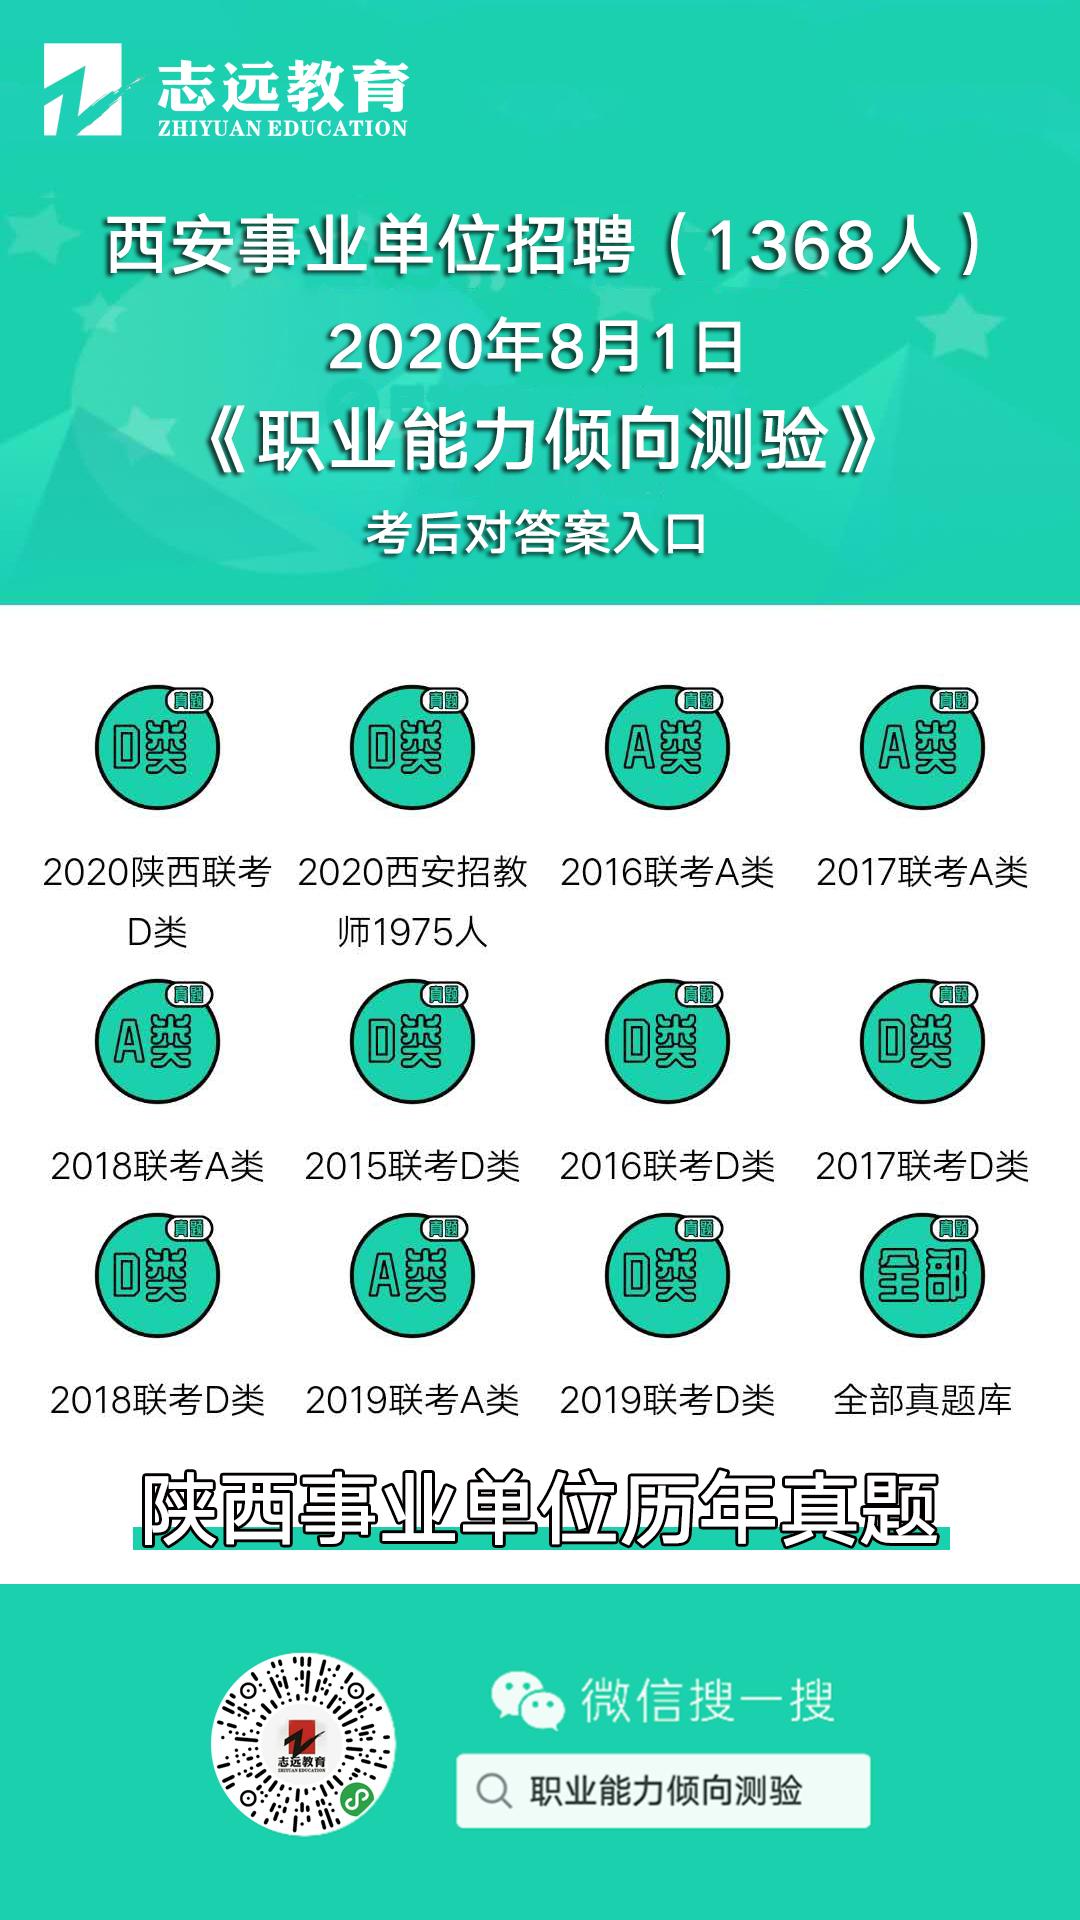 实锤:2020年陕西事业单位(A类综合岗)还有一场全省联考!(图7)